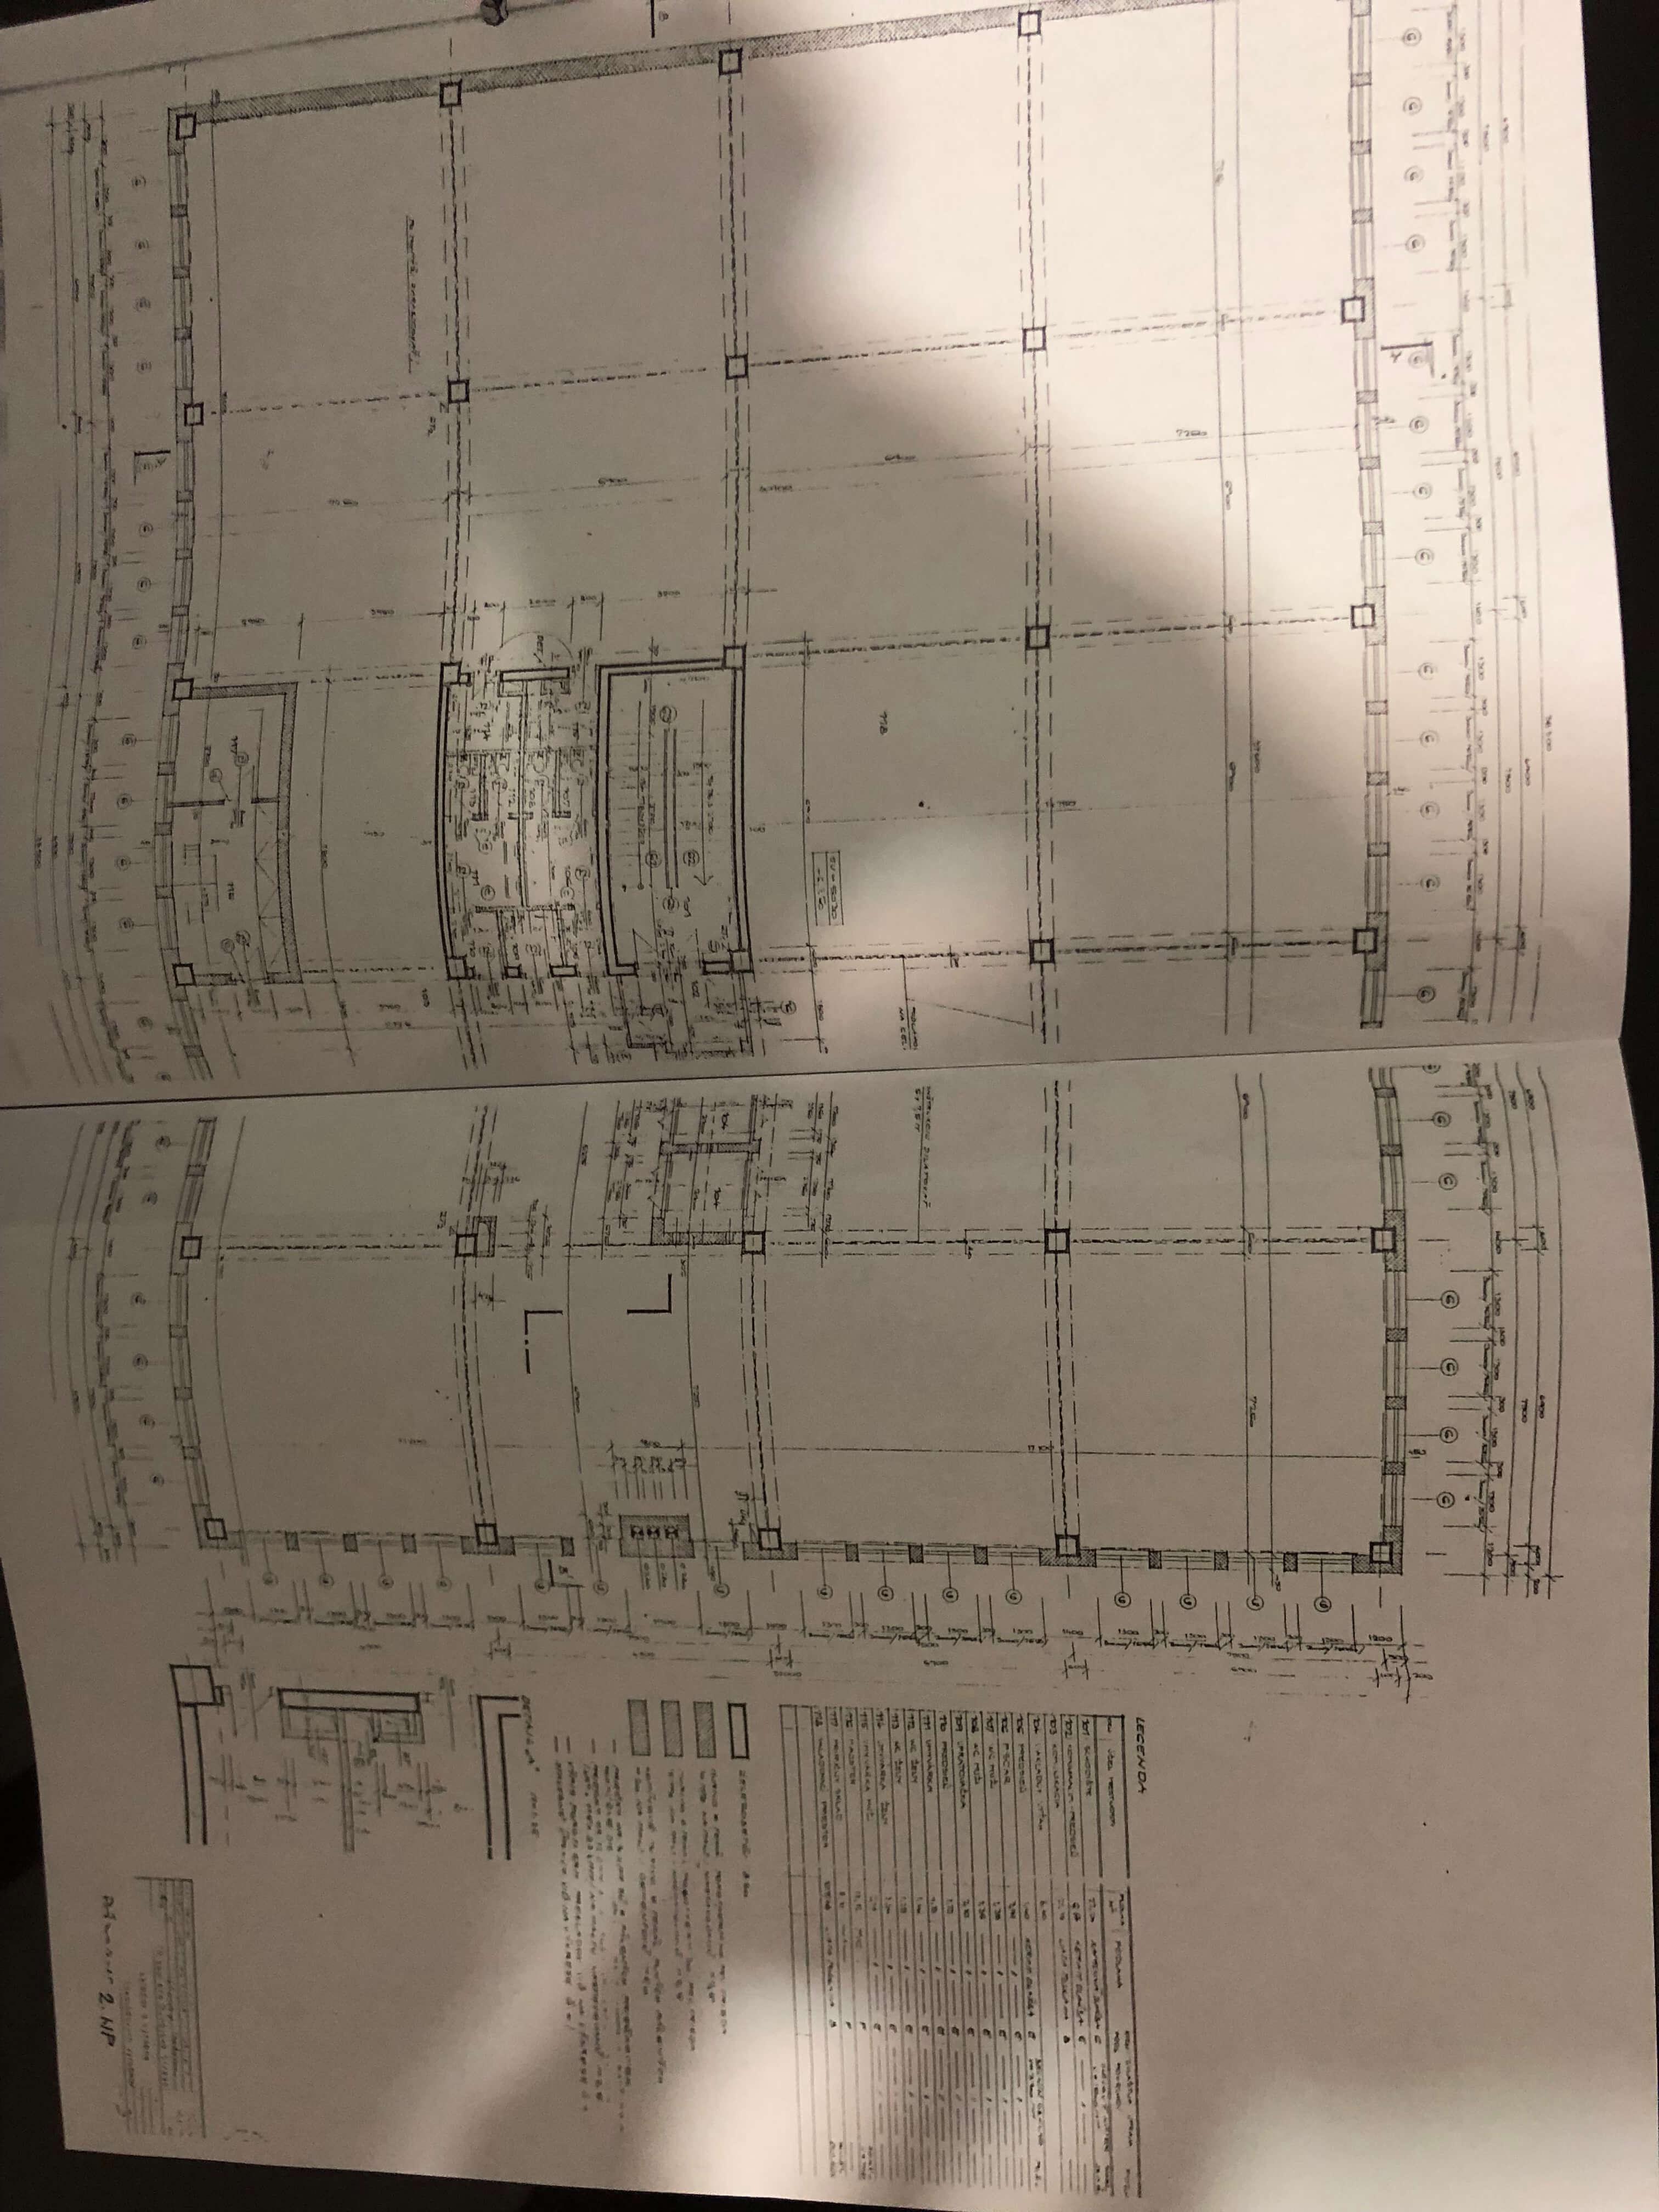 Na prenájom Budova skladov a výrobne v Dunajskej Strede, Drevárska, pozemok 2272m2, spolu 4 podlažia 4767m2-6